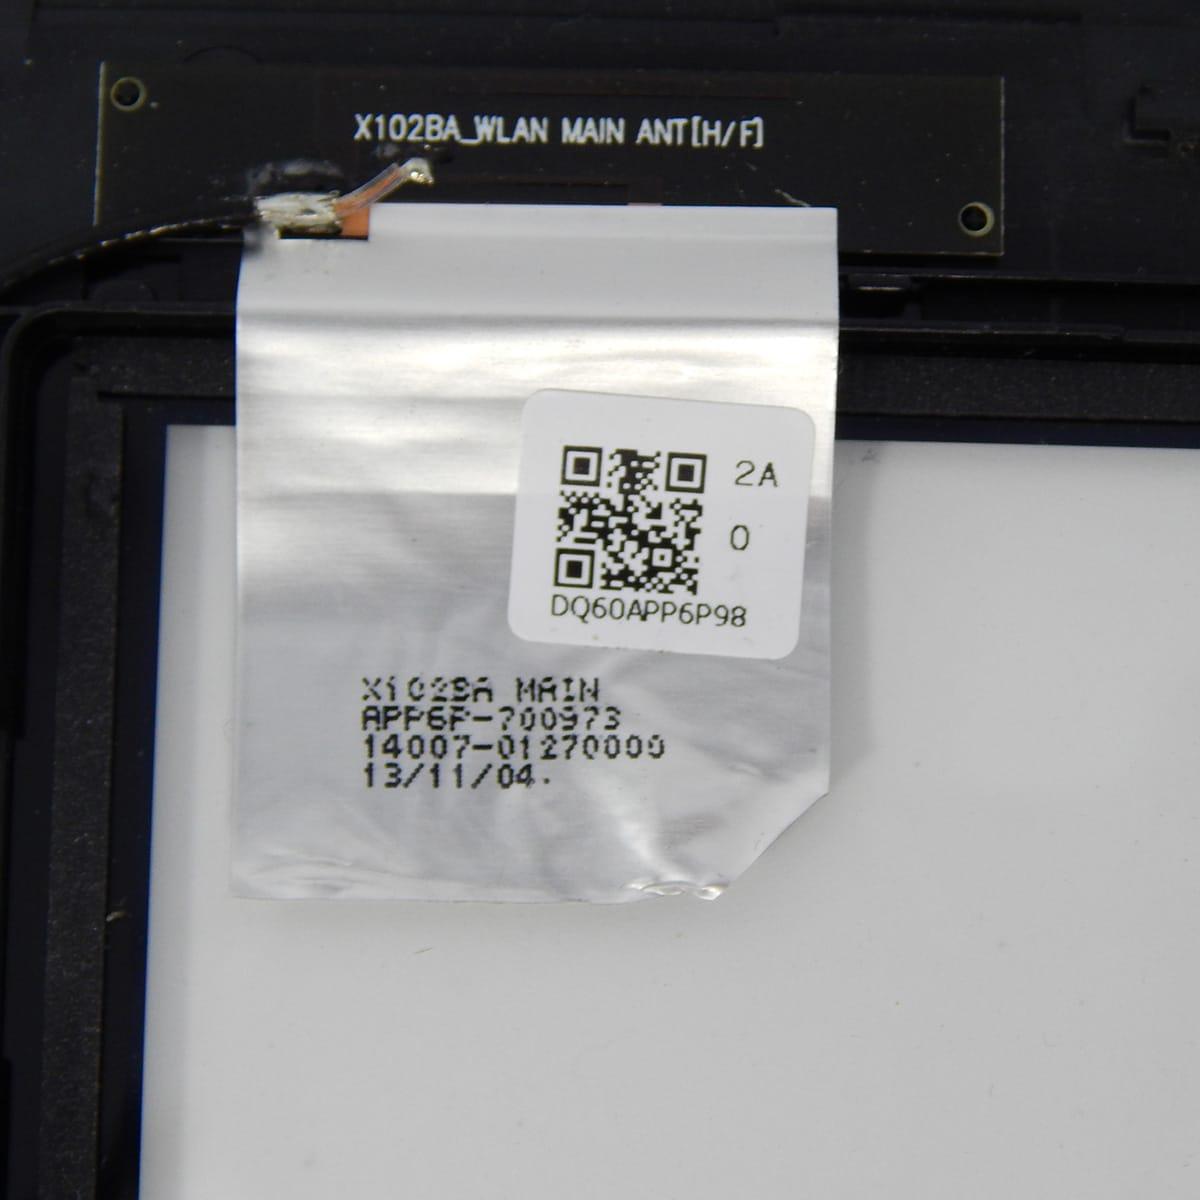 Tela Touch Notebook Asus 10.1 X102ba C/ Flat Da Tela - Nova